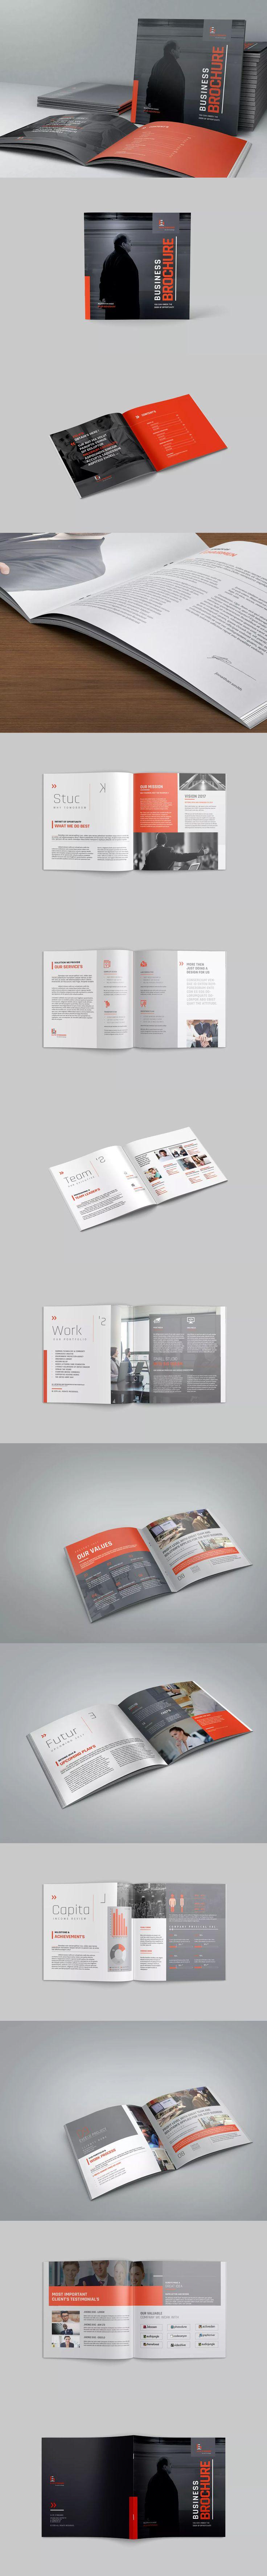 9 besten designs bilder auf pinterest editorial design broschure